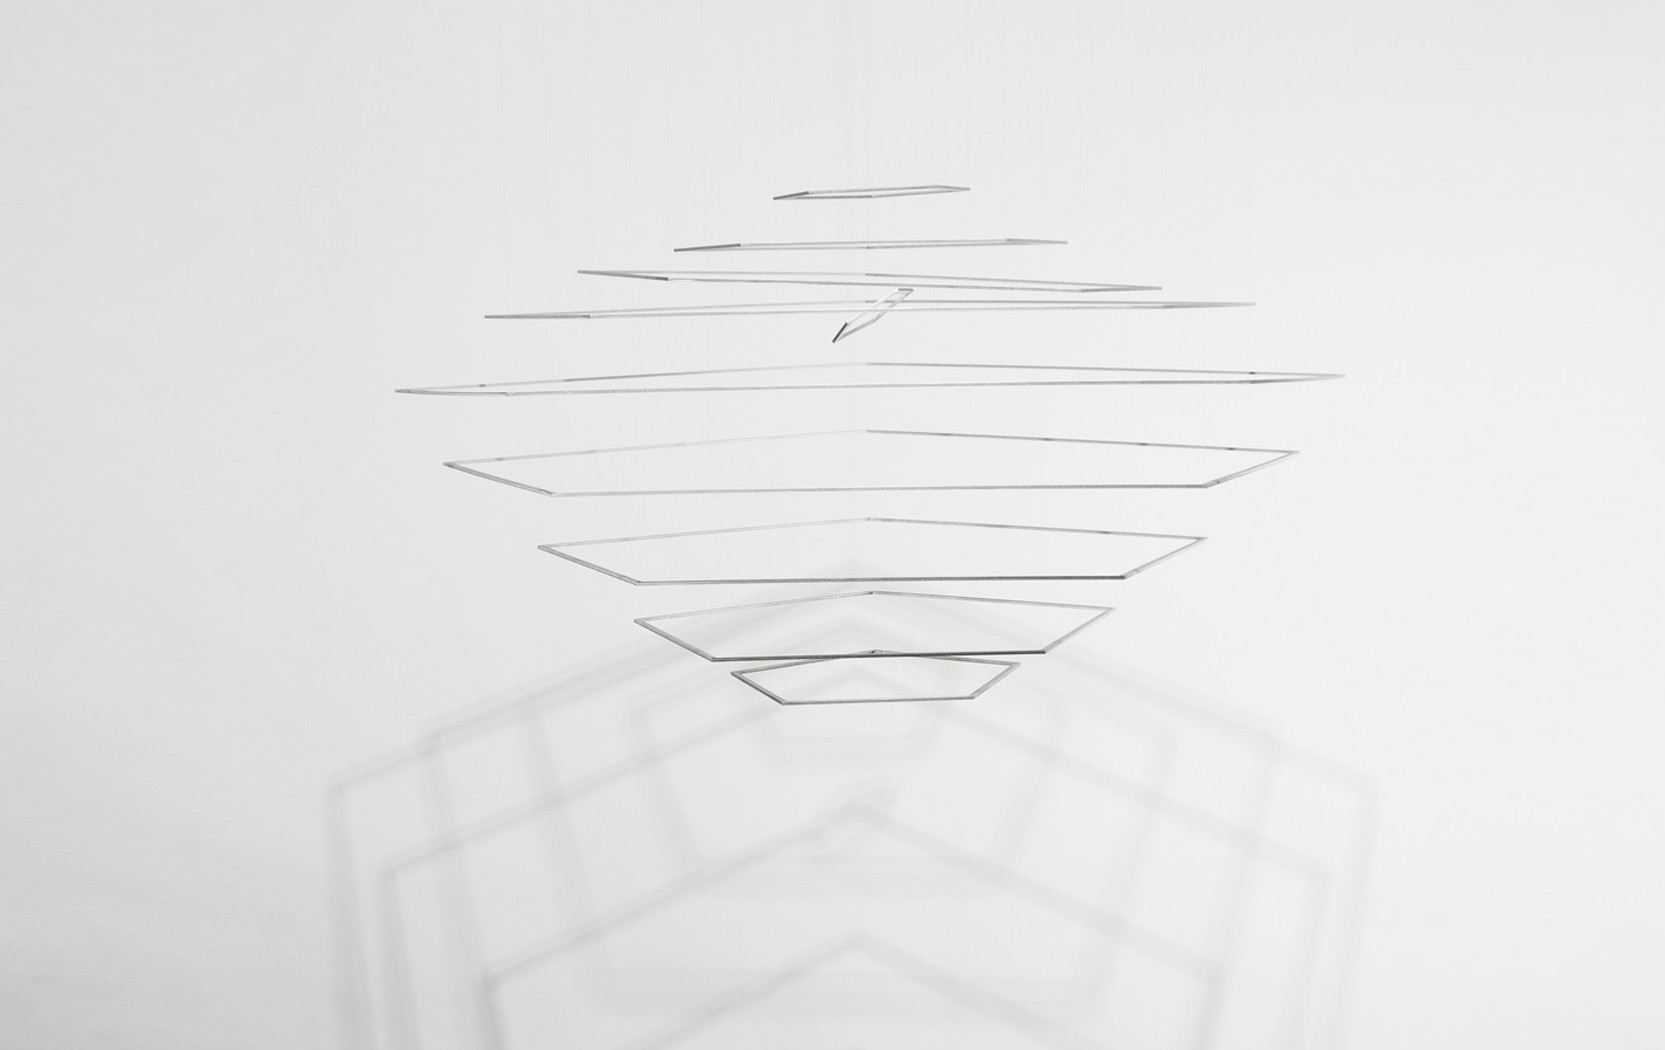 Elias Crespin Pentaconcentricos Aluminio